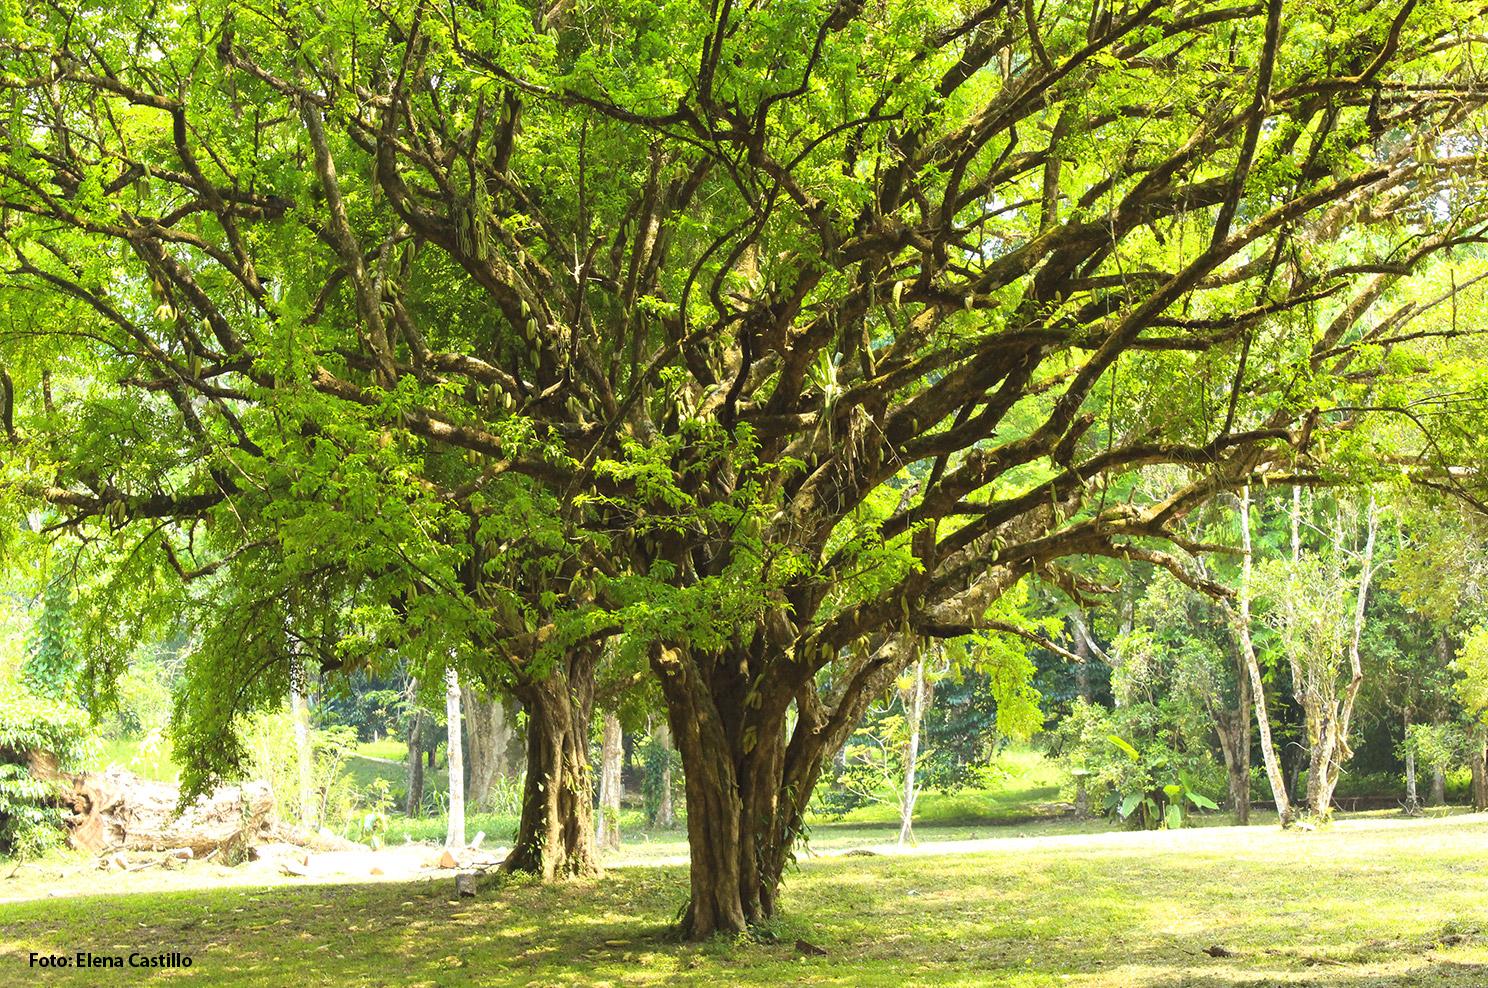 El jardín botánico cuenta con un grupo de árboles, arbustos y hierbas identificadas con placas de metal. Éstas indican el nombre de la familia a que pertenecen, el nombre científico y el año de introducción.